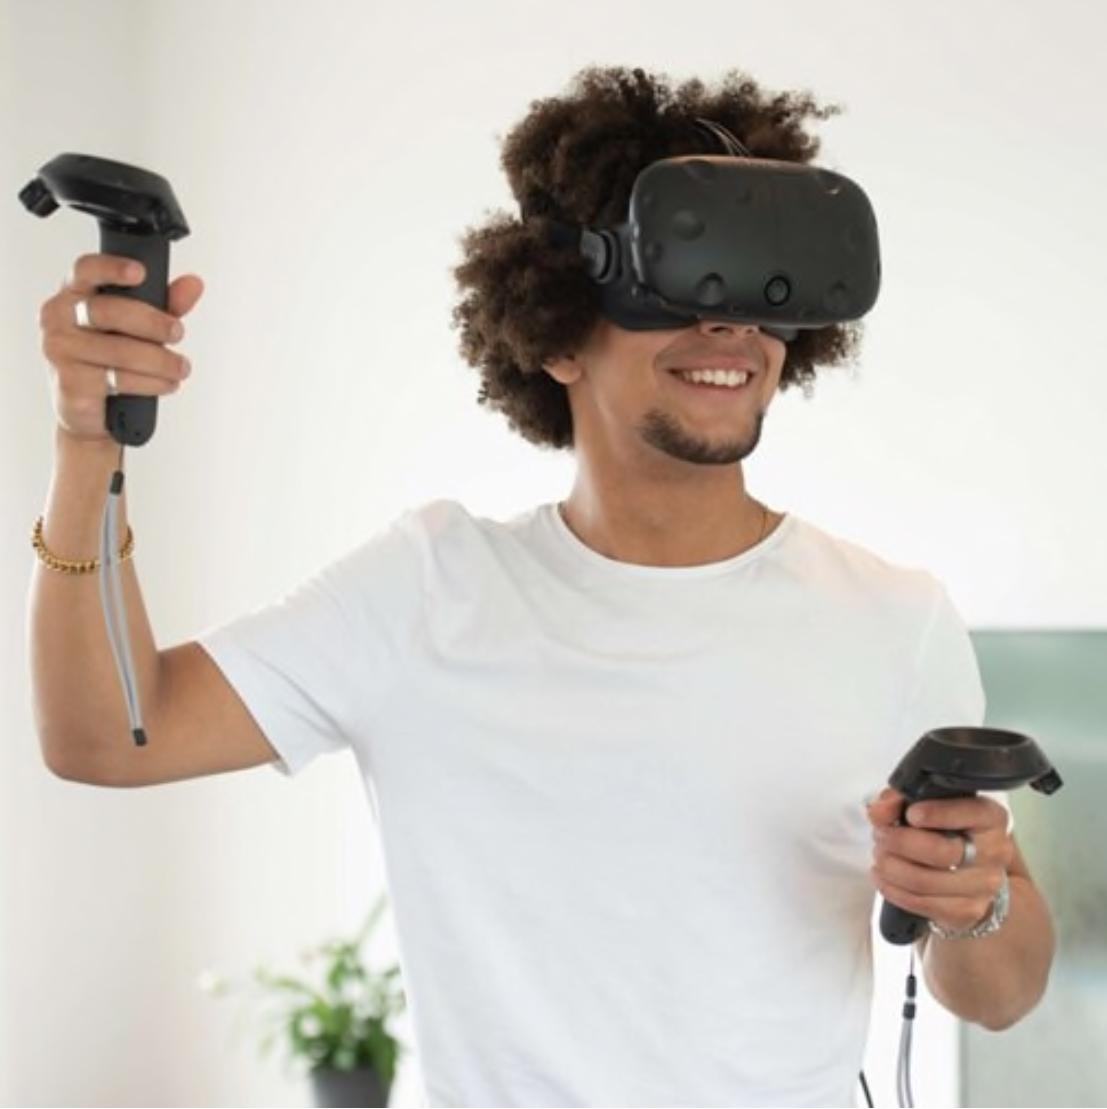 hình ảnh 5G sẽ thay đổi cả tương lai của ngành công nghiệp eSports và game - số 1